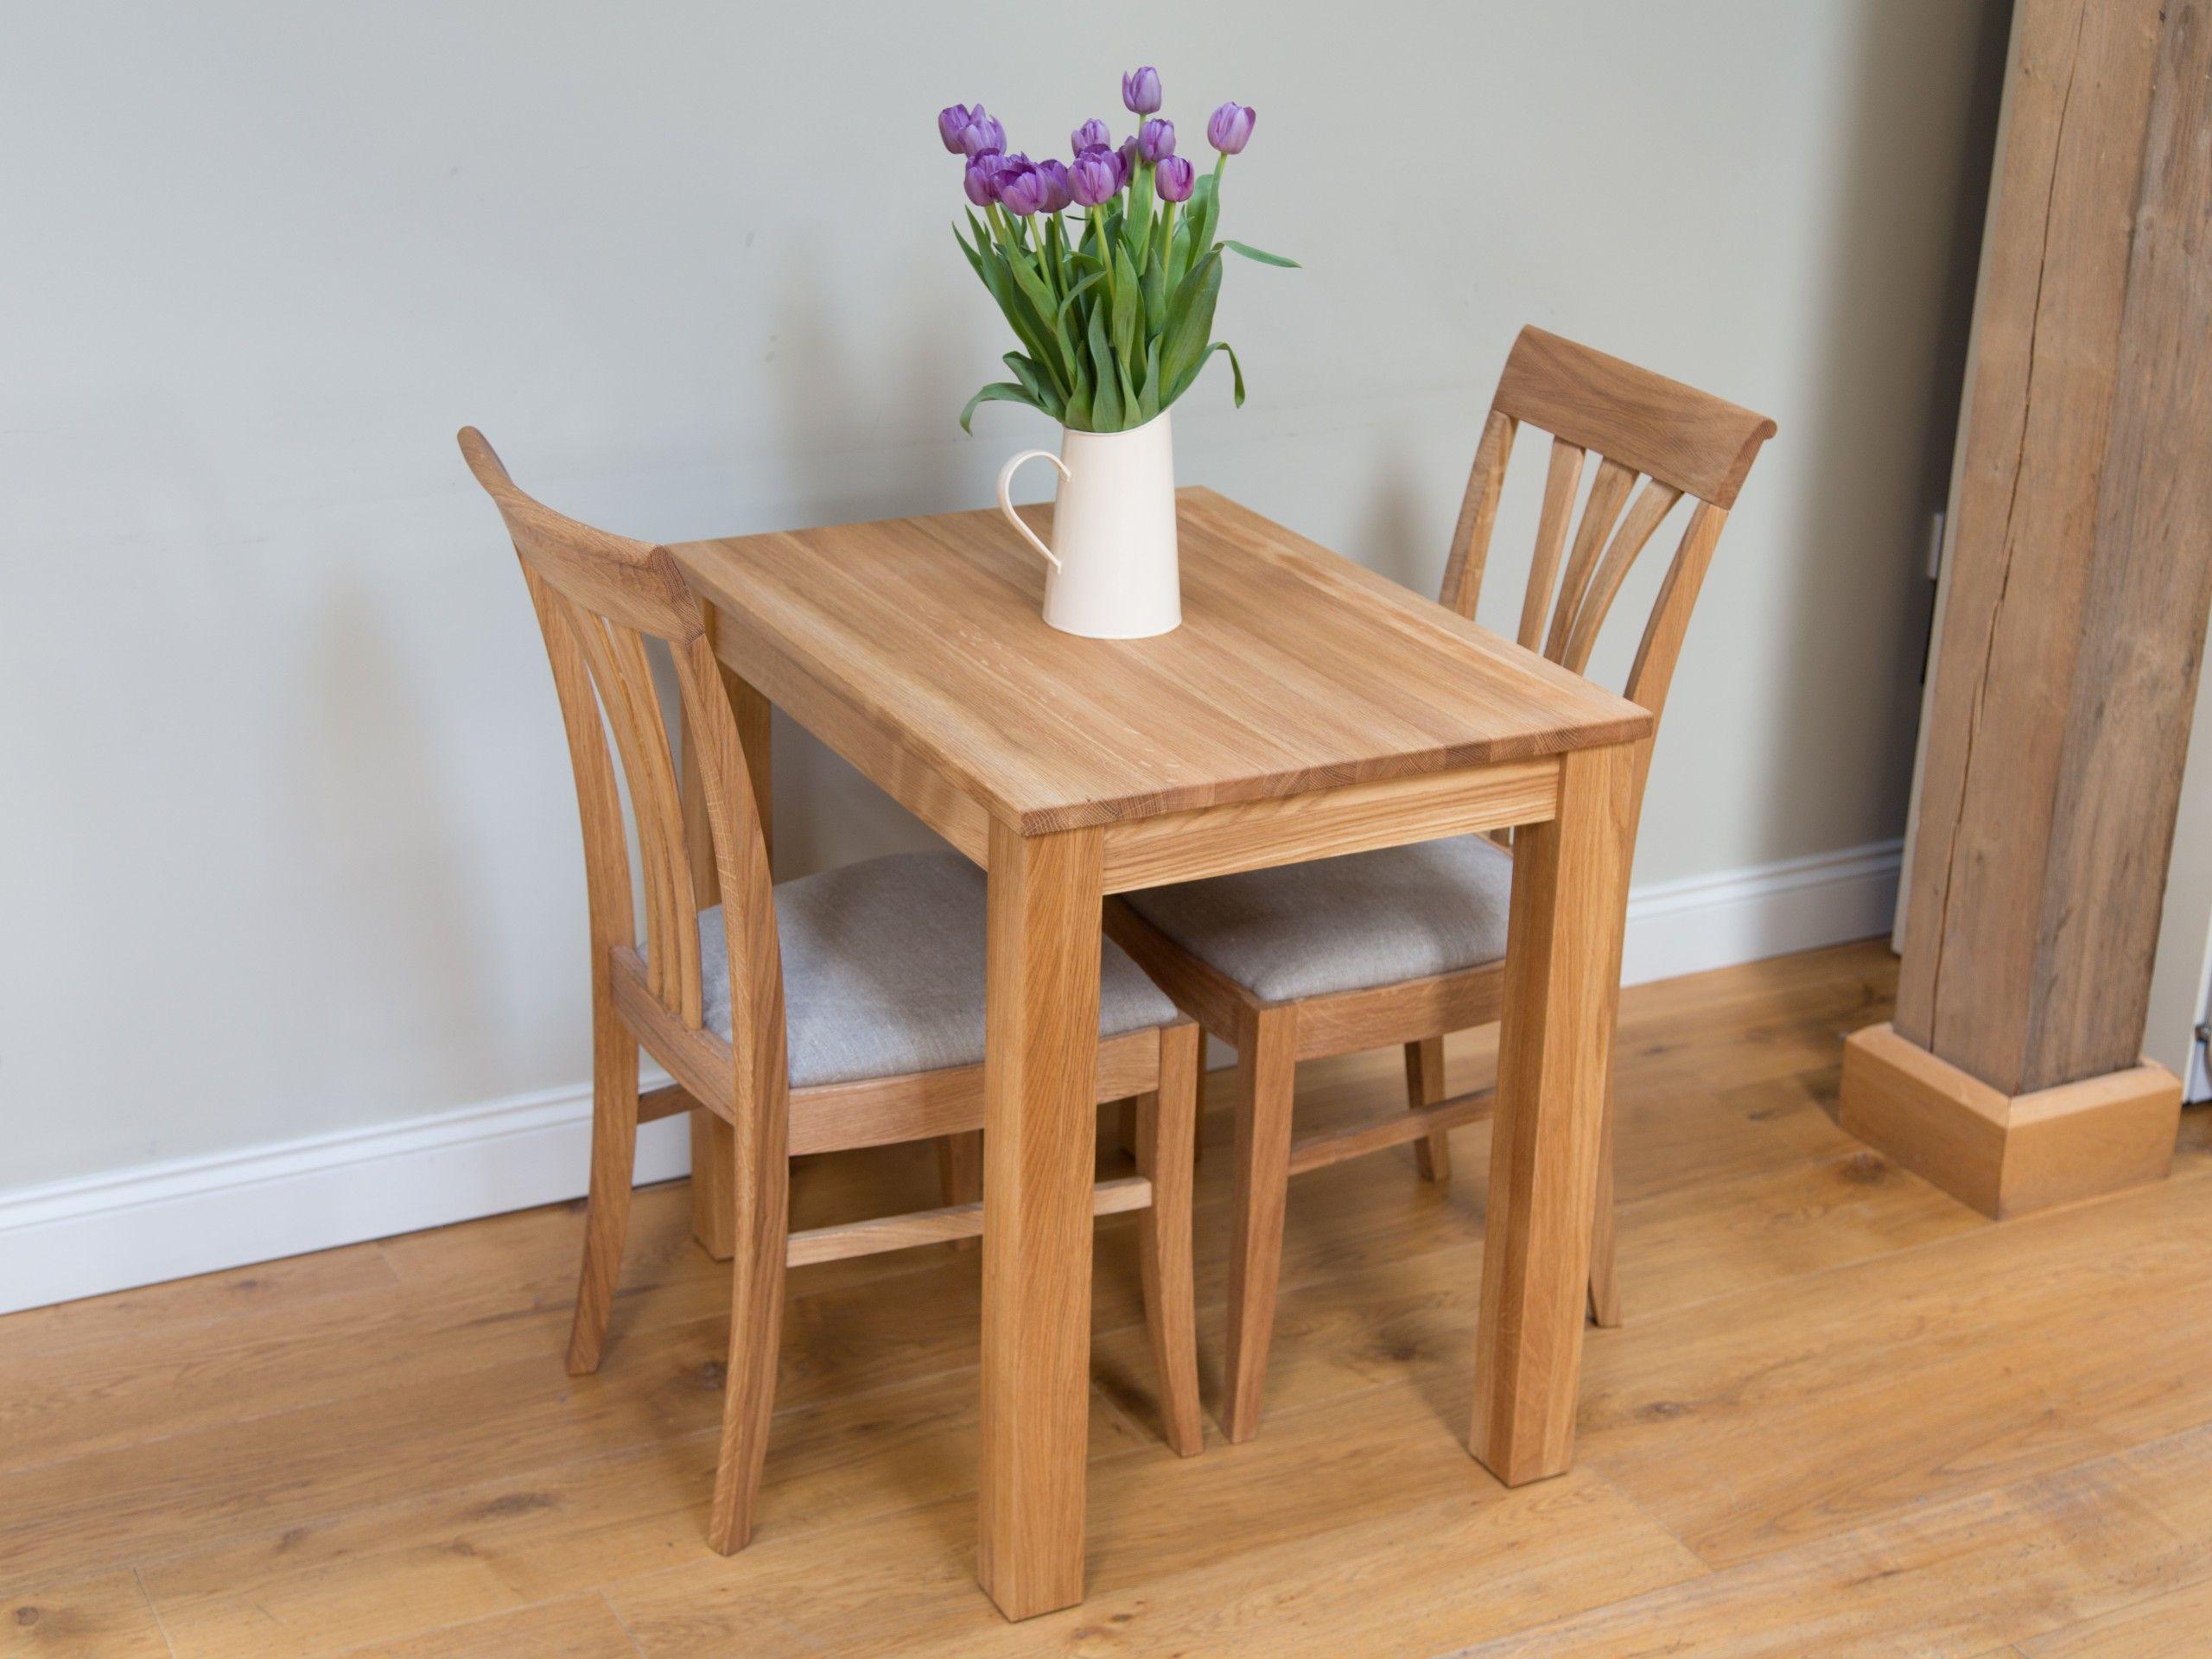 Kleiner Stuhl Tisch Kleiner tisch und stühle, Küche